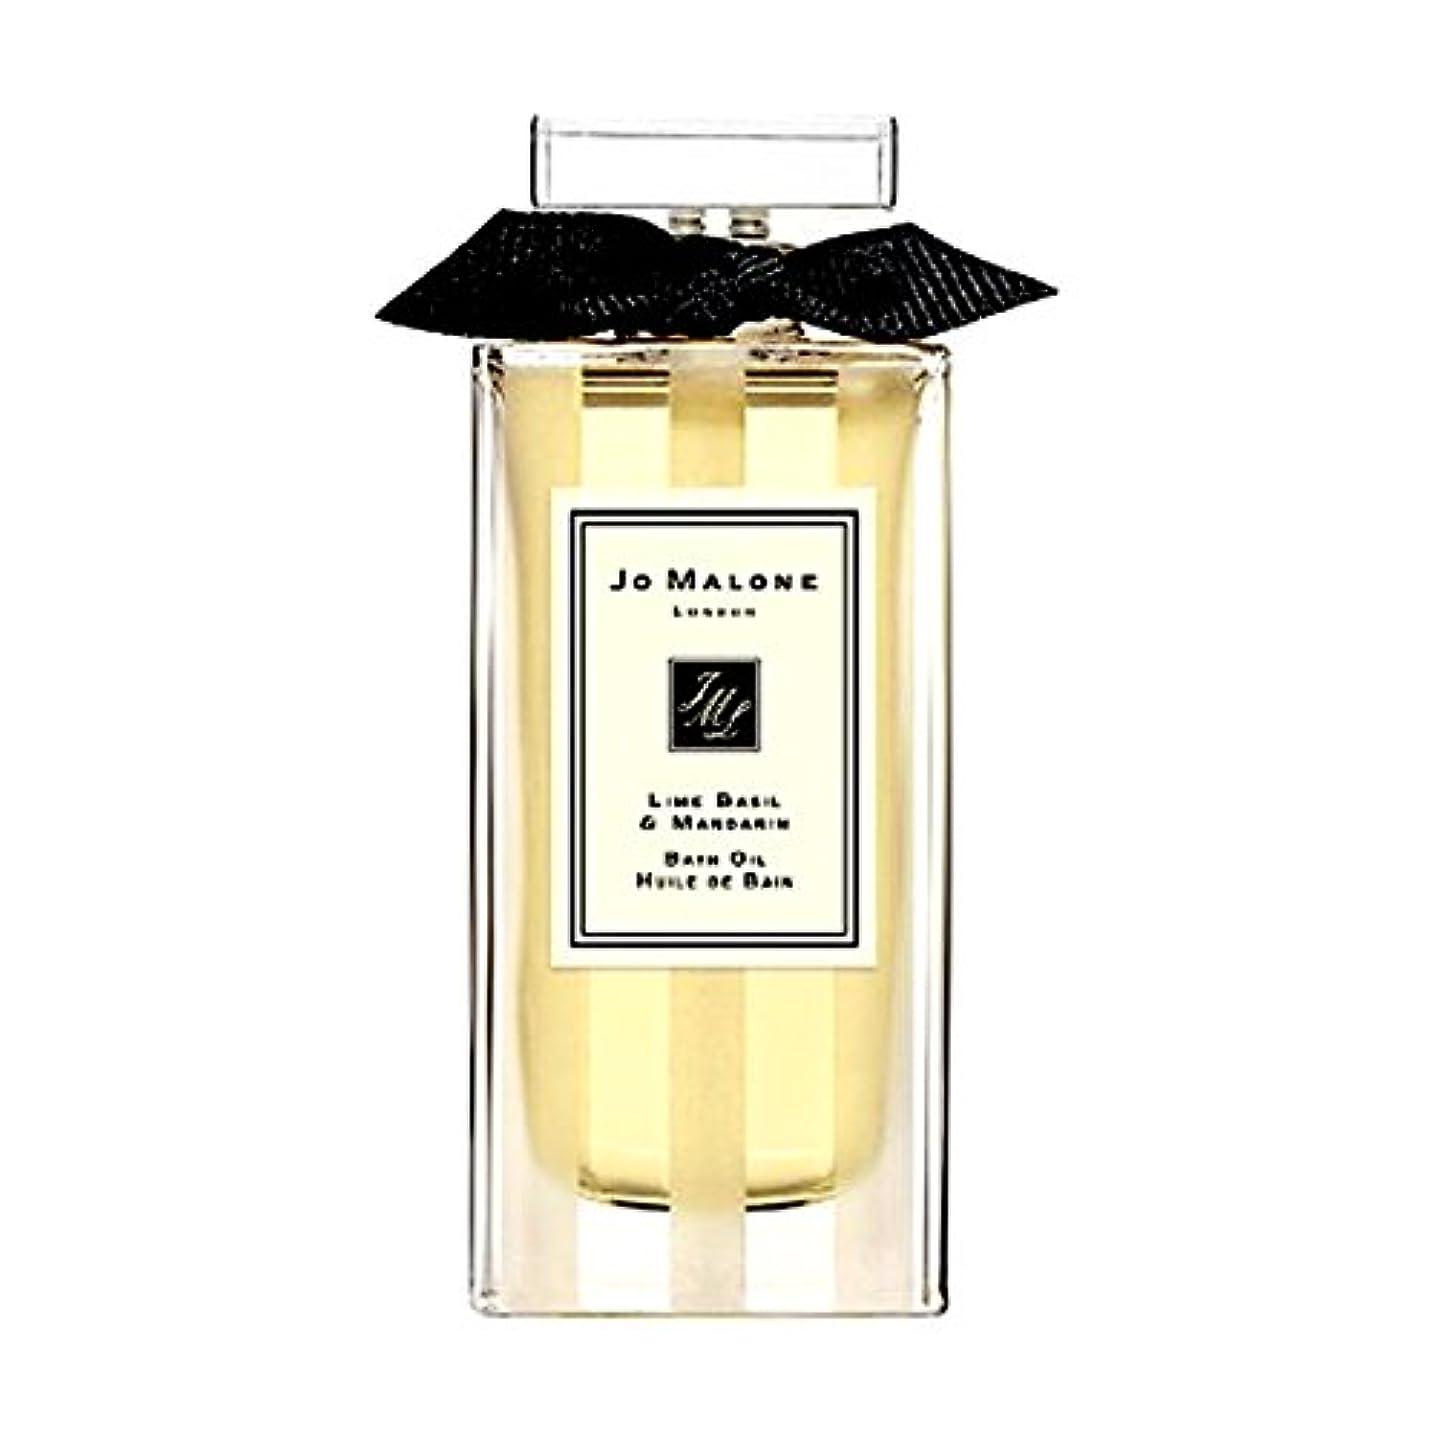 言うまでもなくマカダム許容できるJo Maloneジョーマローン, バスオイル -ライムバジル&マンダリン (30ml),' Lime Basil & Mandarin' Bath Oil (1oz) [海外直送品] [並行輸入品]